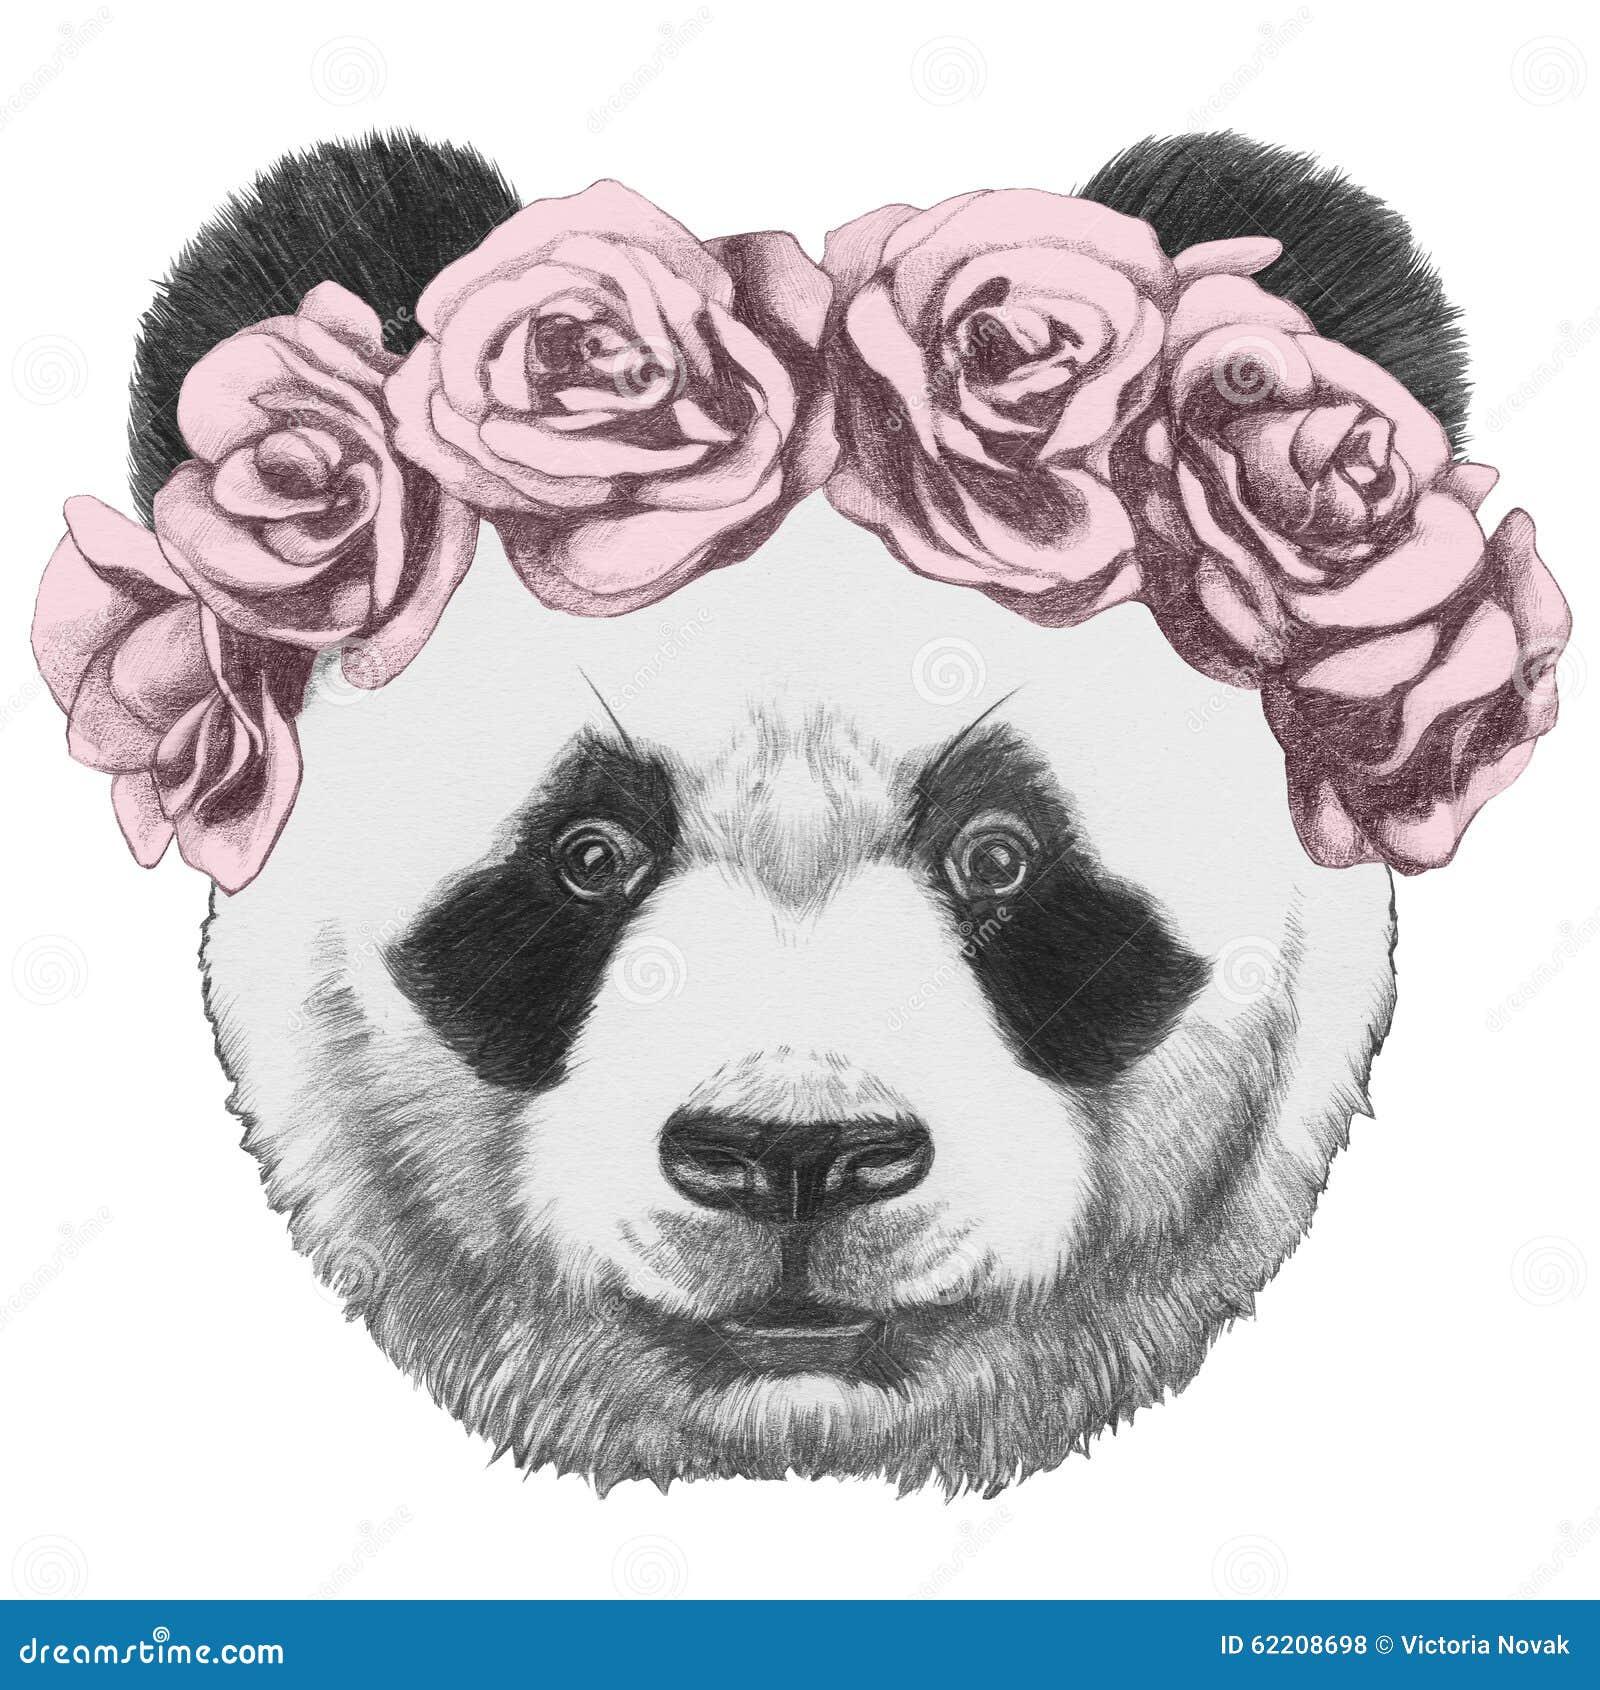 Dessin original de panda avec des roses